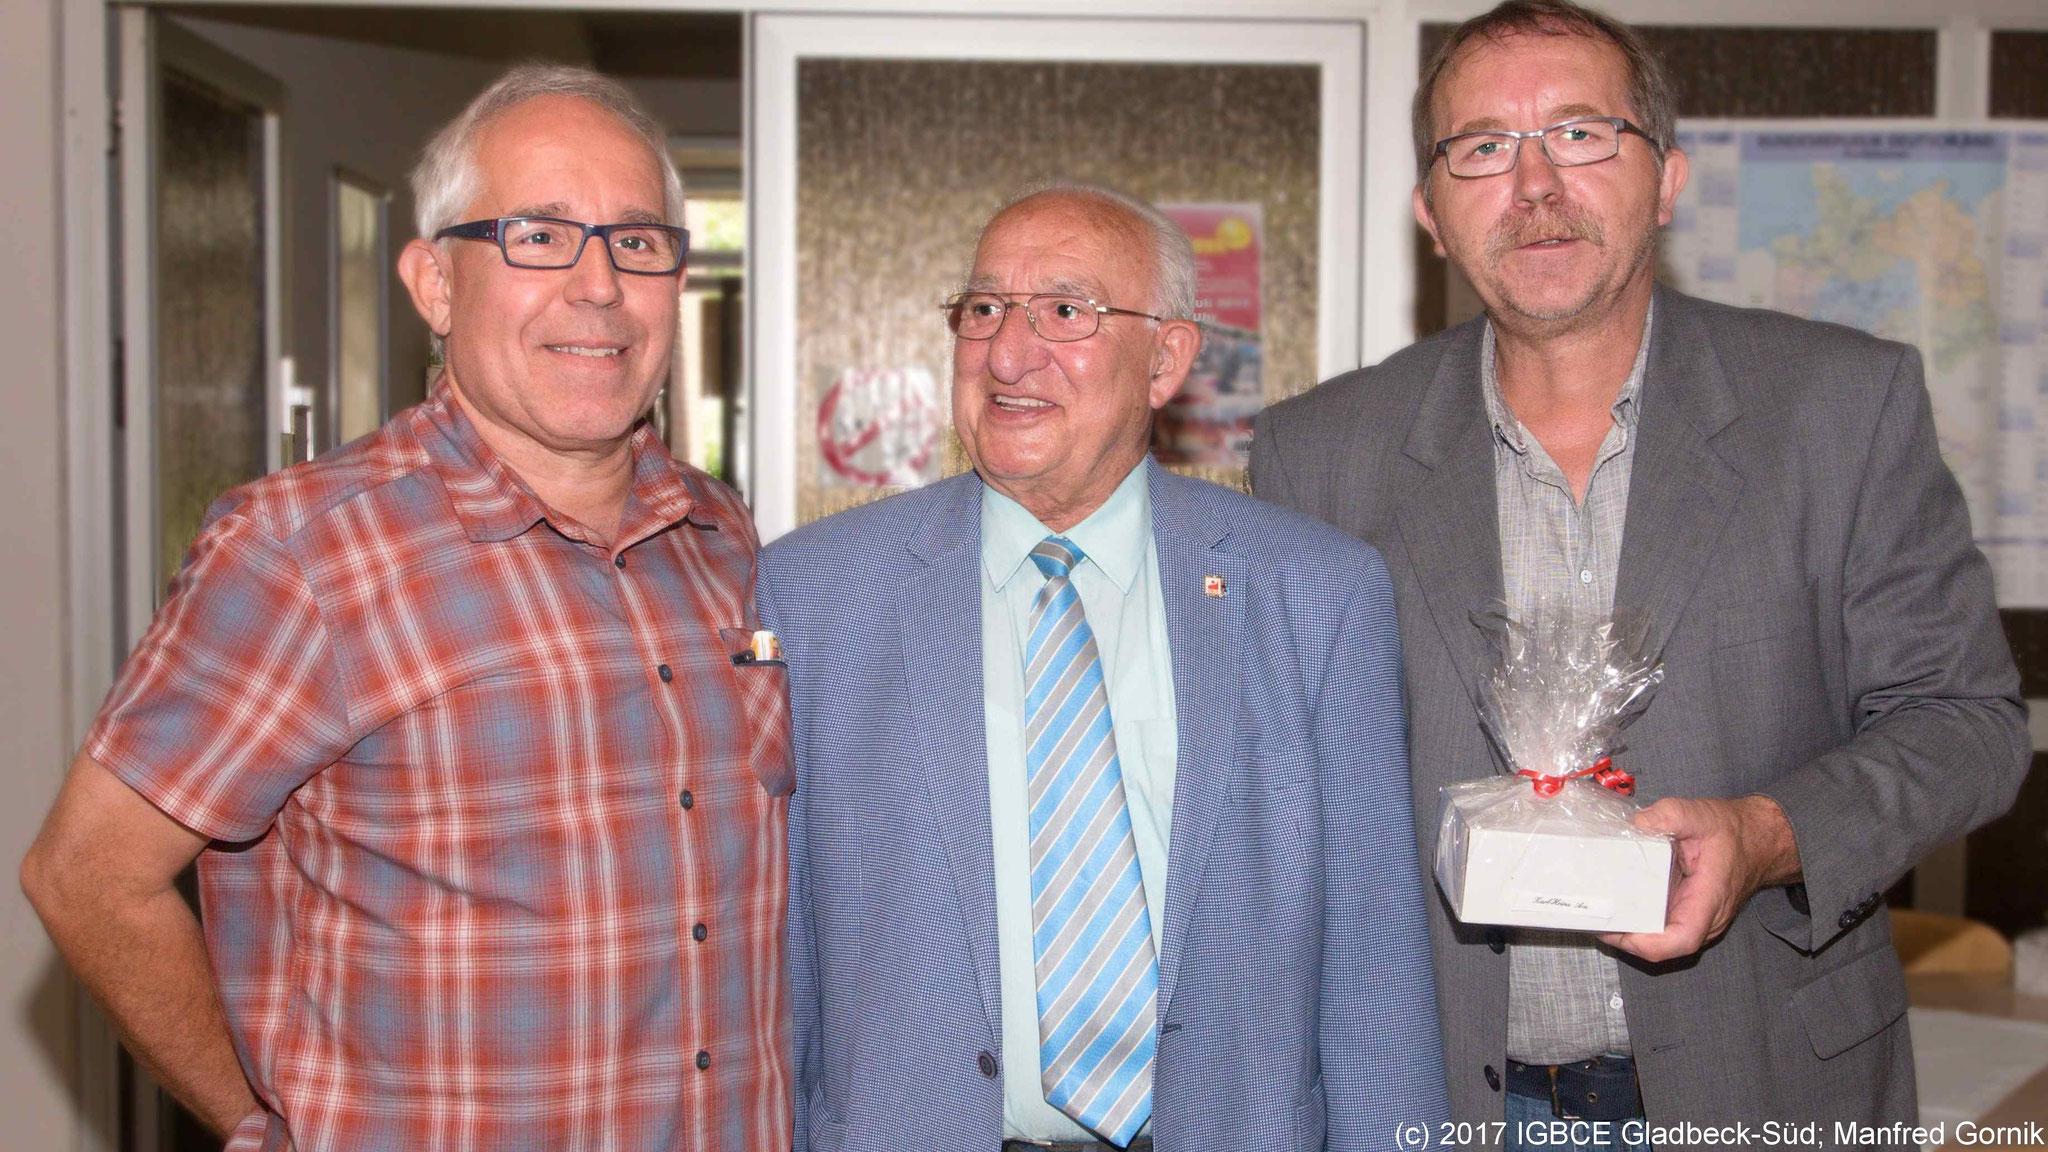 Von links : Wolfgang Sobottka; Karl-Heinz Acs ( 75 Jahre), Joachim Praetsch (1 Vorsitzender Ortsgruppe Gladbeck-Süd)